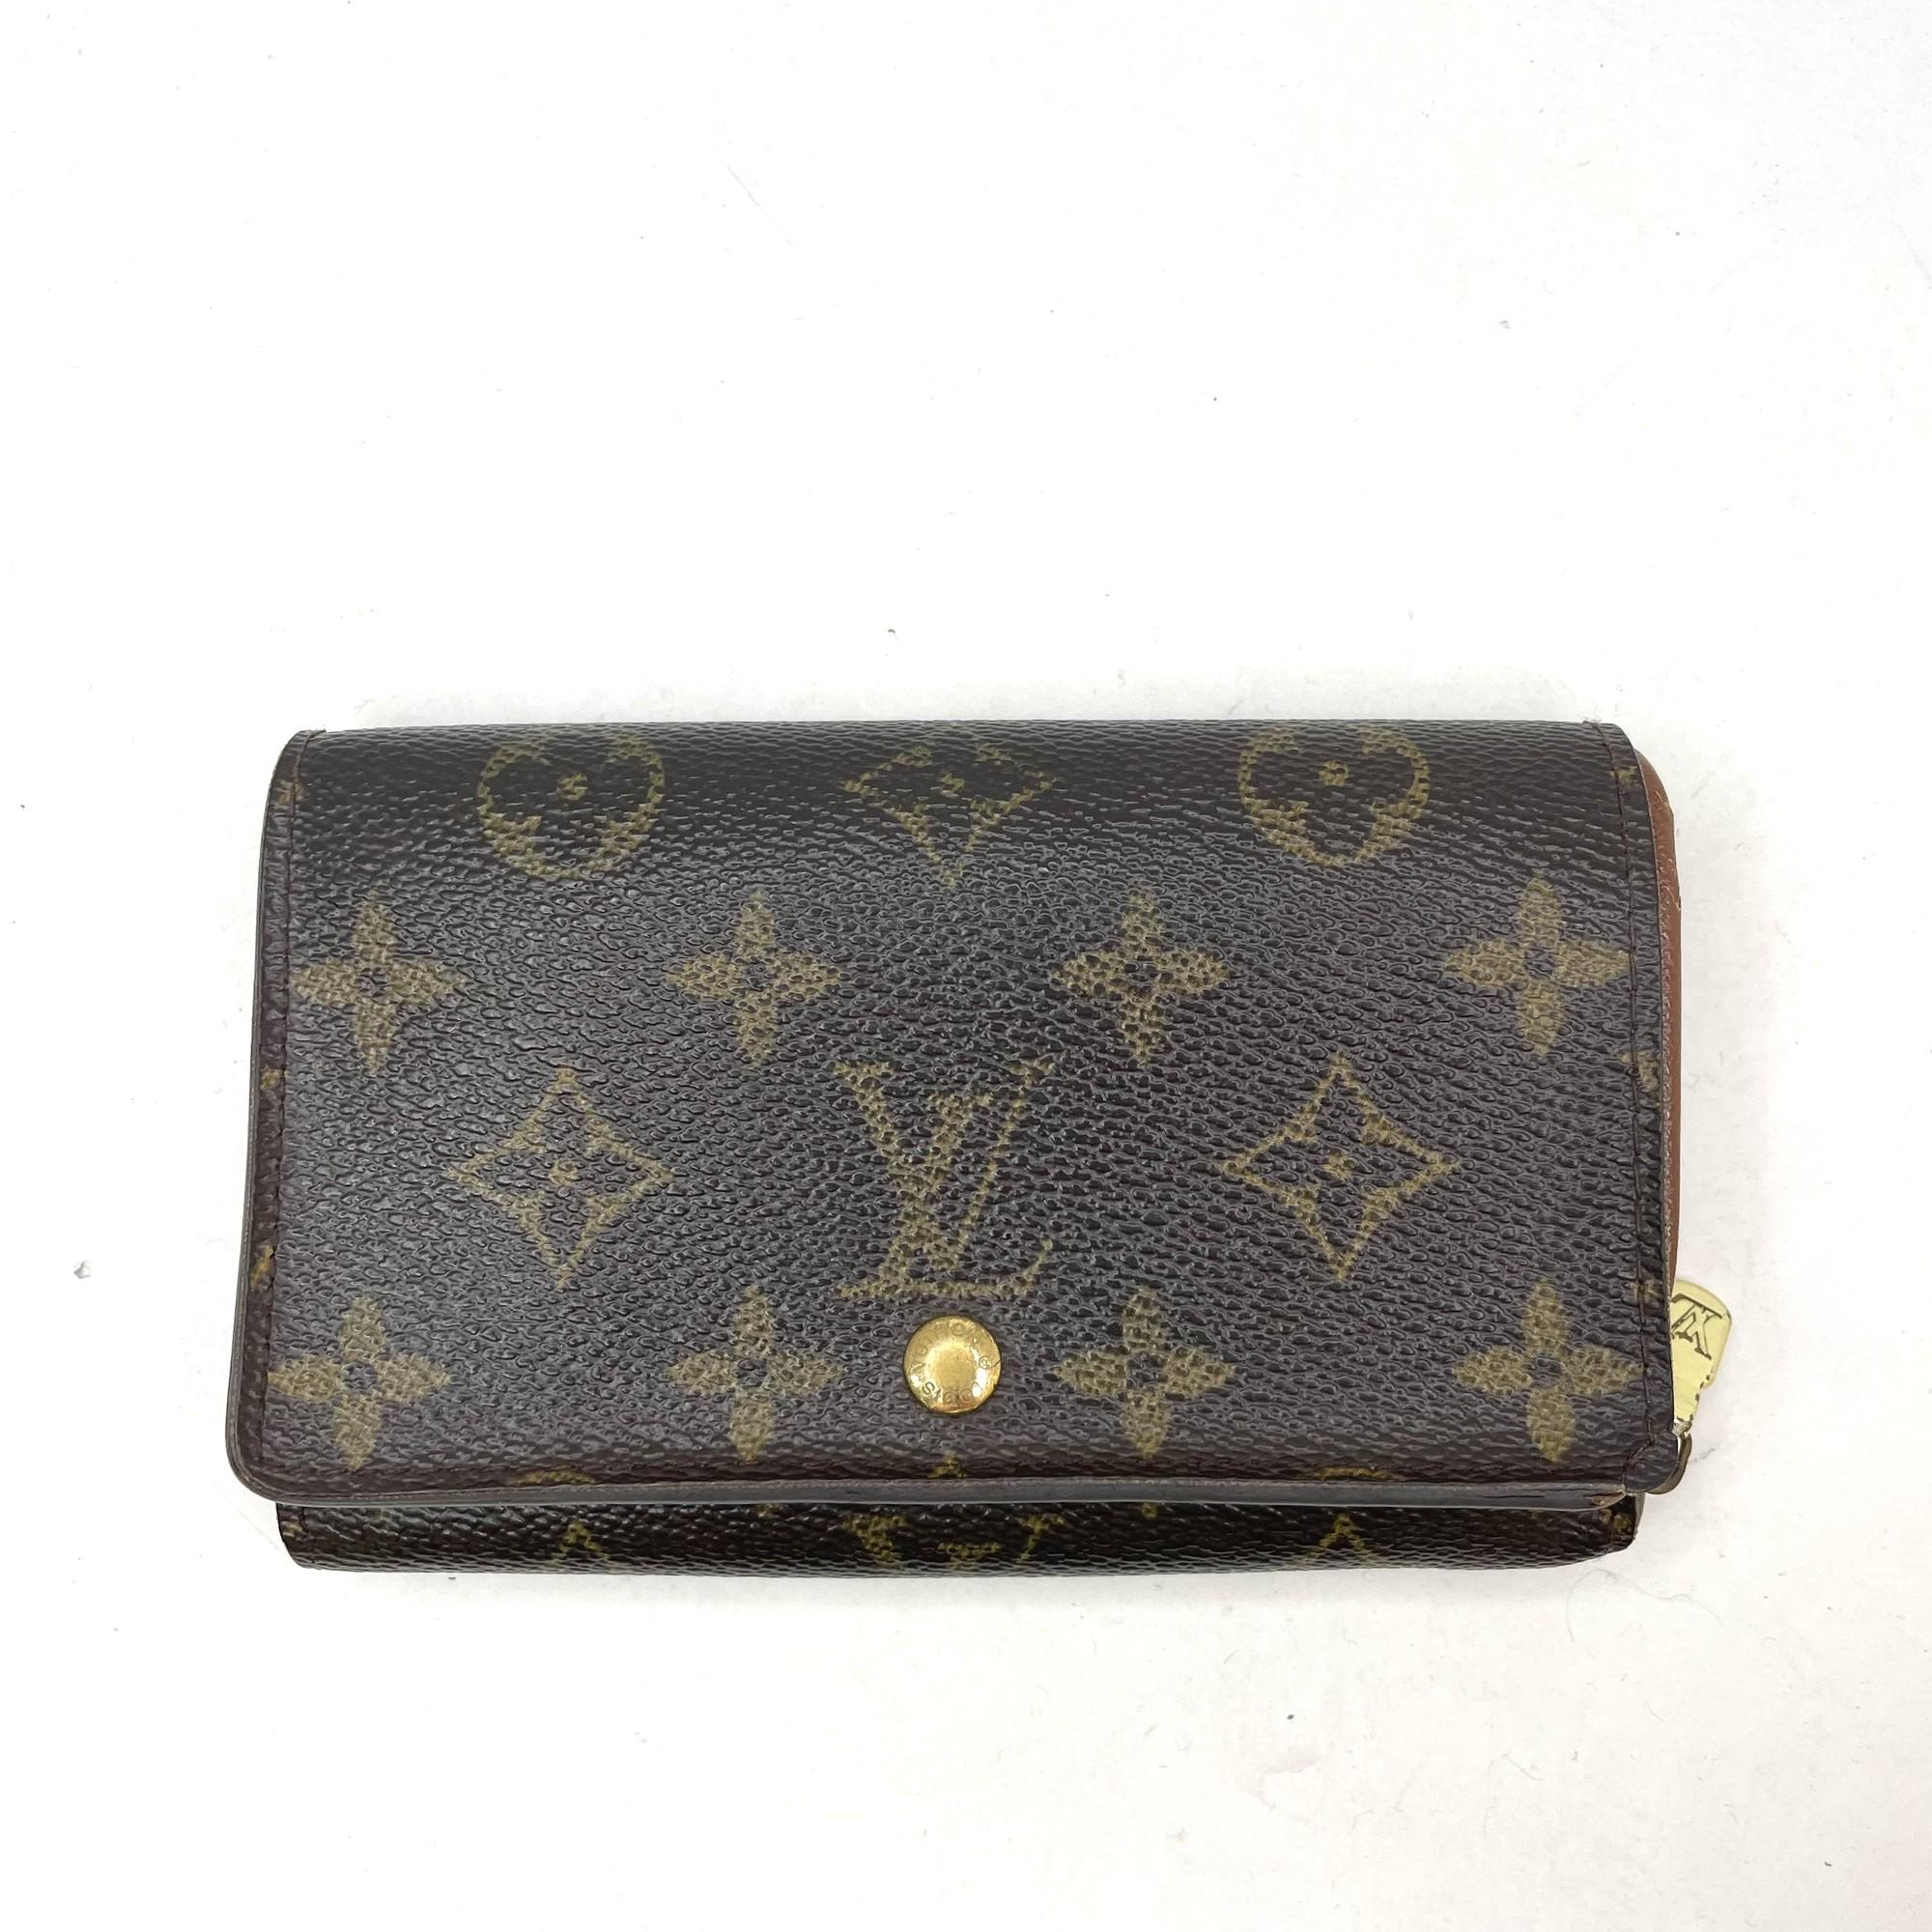 Louis Vuitton Compact Flap Wallet $229